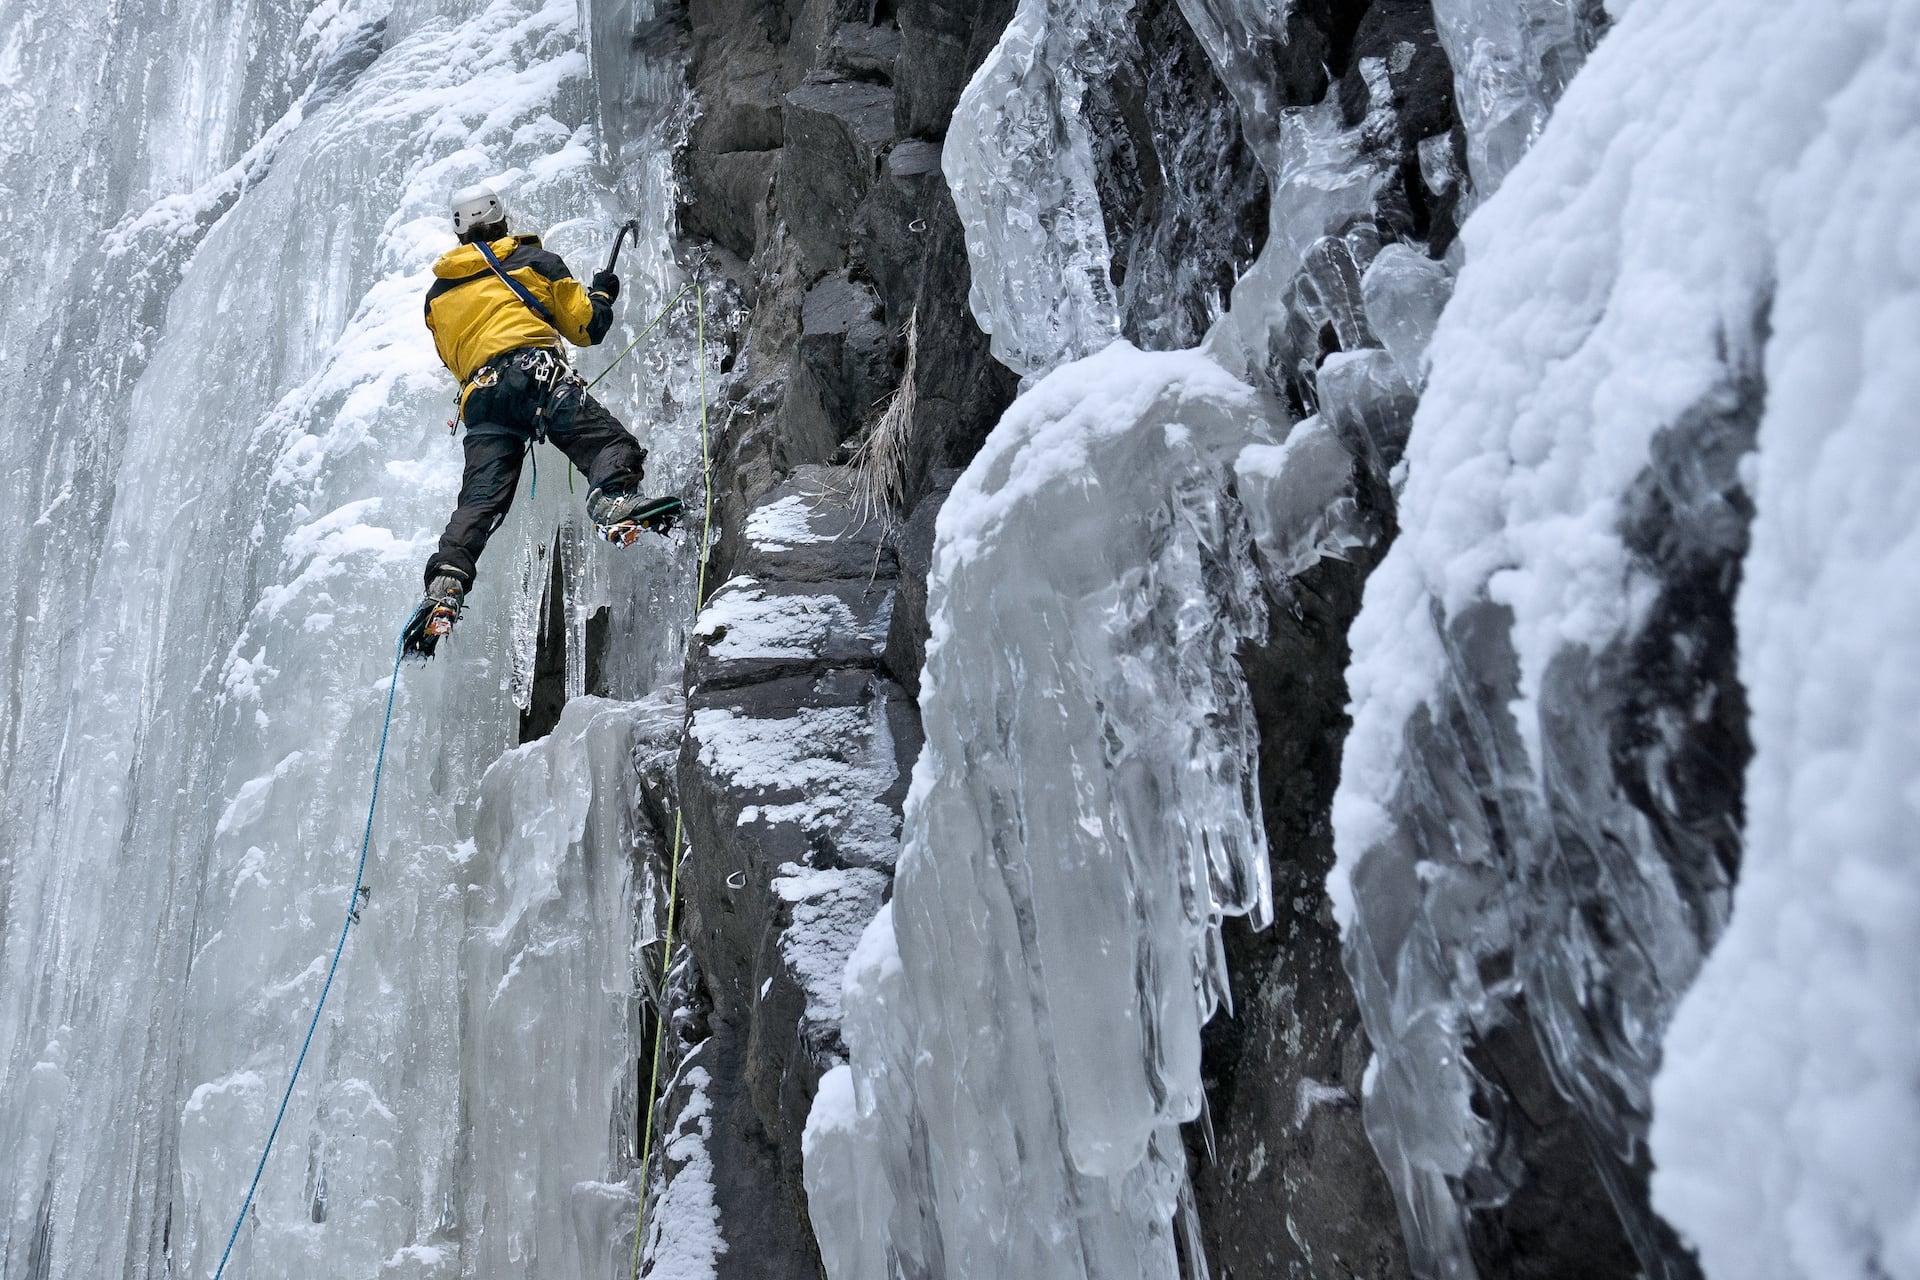 Mantis-pro chiodi da ghiaccio icefall